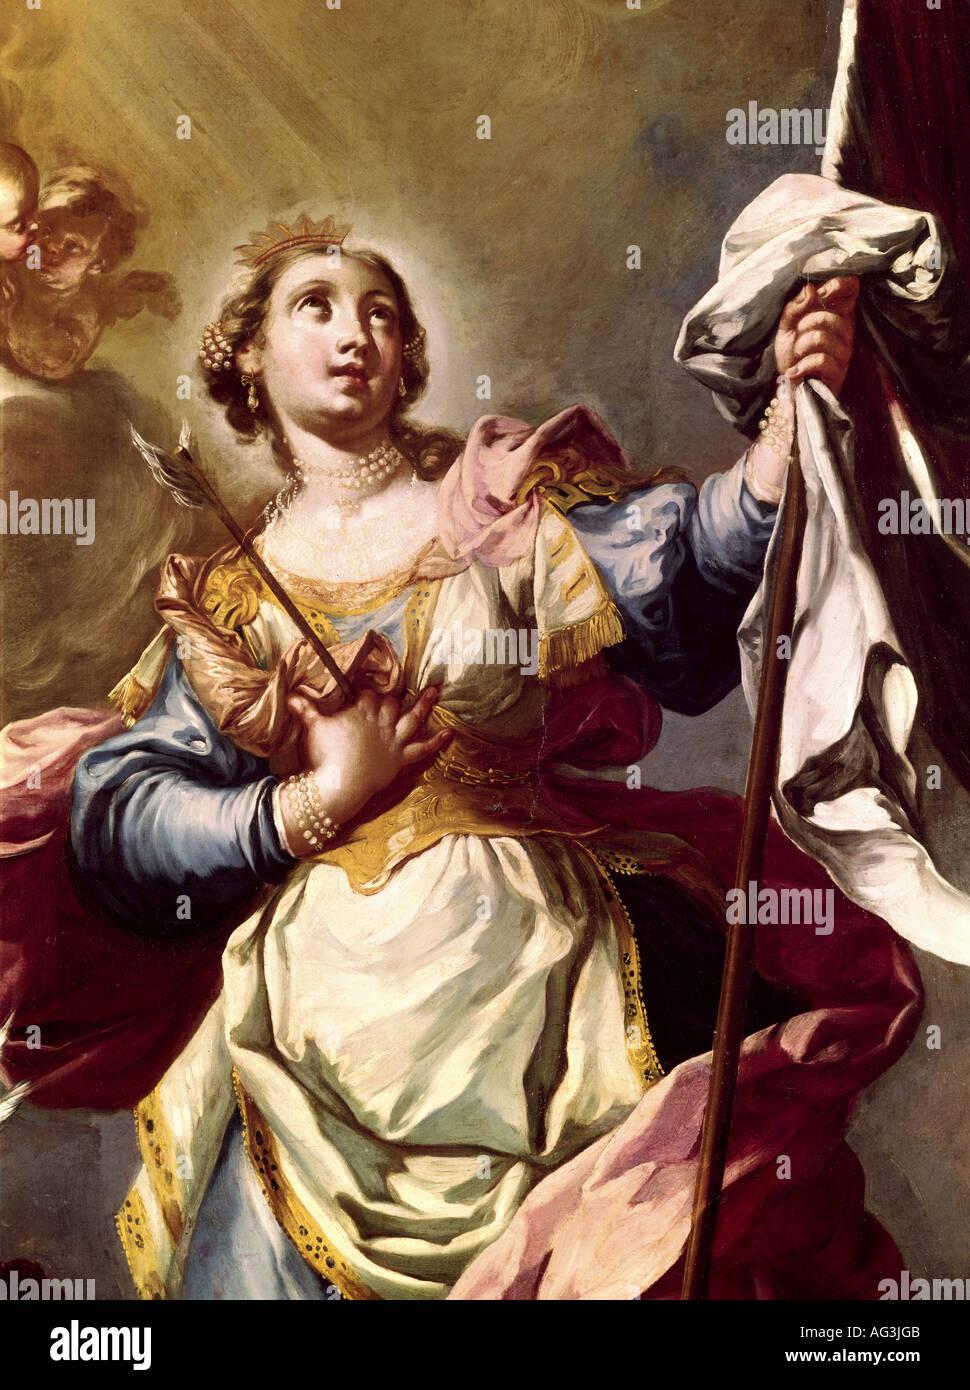 Bellas artes, Grasmayr, Johann Georg, (1691 - 1751), pintura, 'Saint Ursula', detalle, Museo diocesano, Brixen, Italia Copyright del artista no ha de ser borrado Imagen De Stock